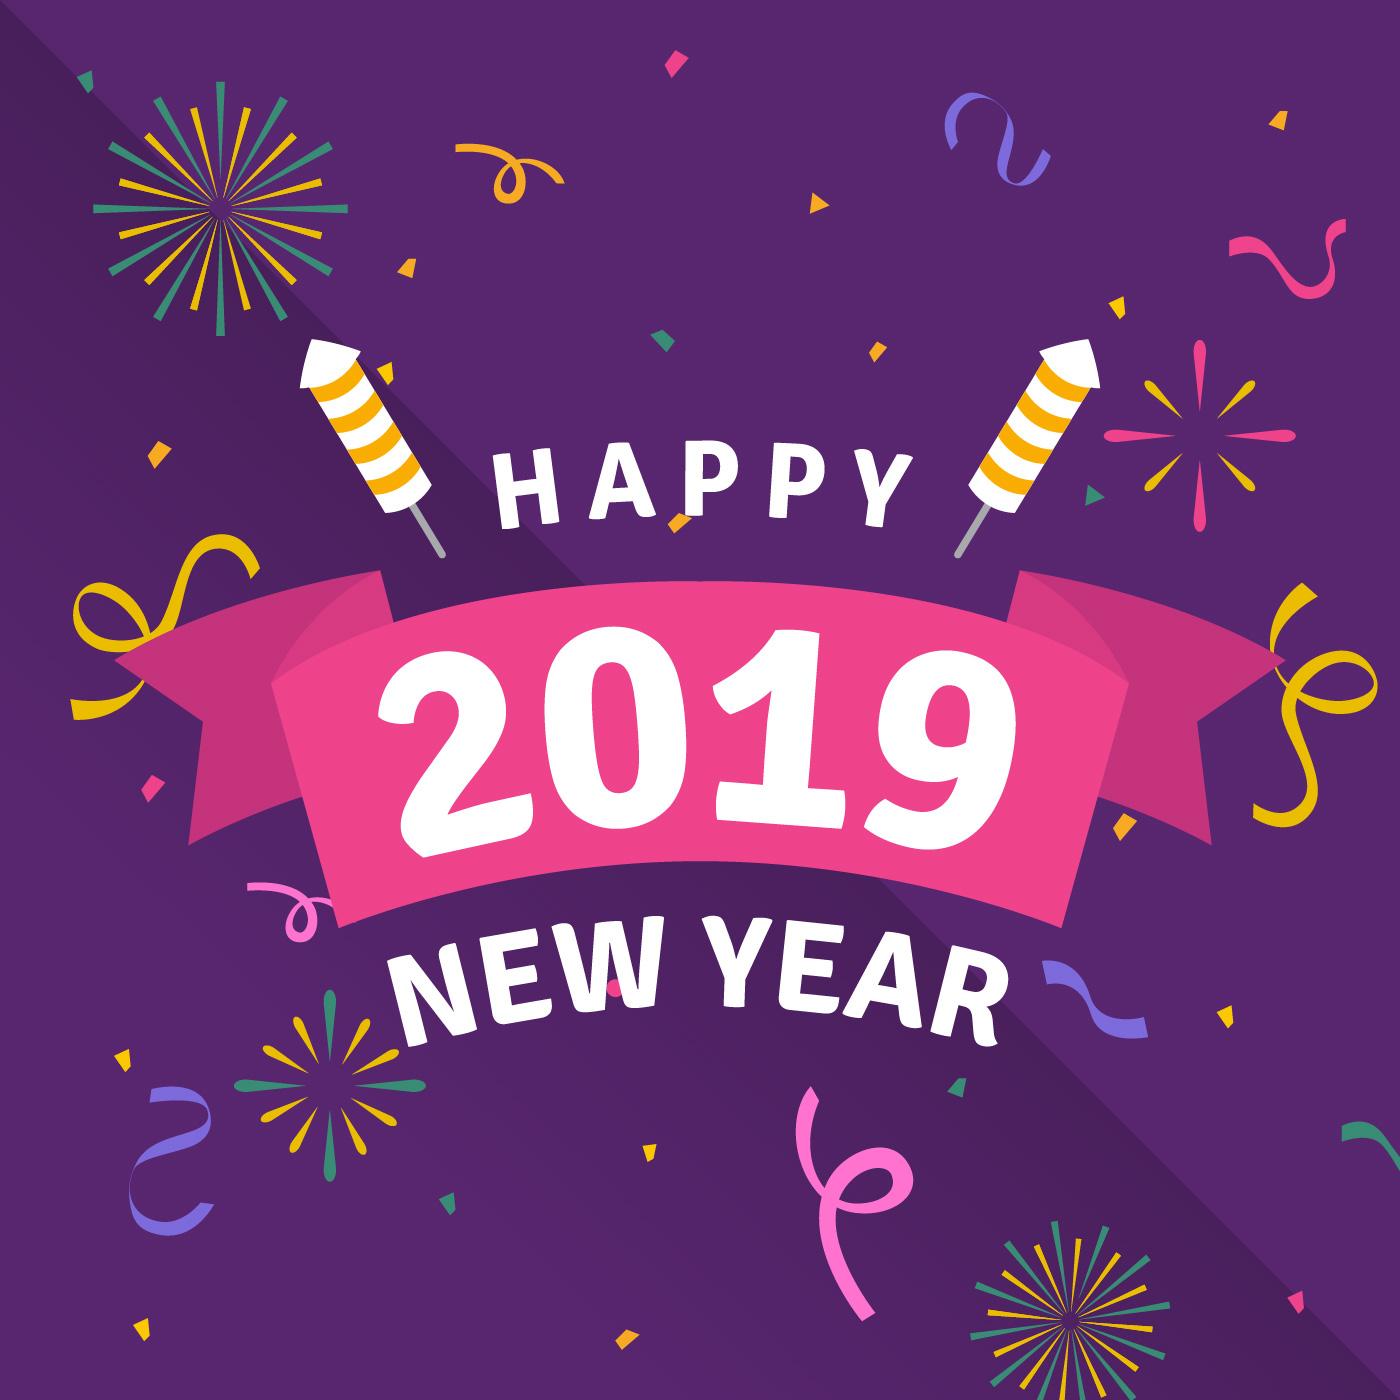 Happy New Year Instagram Post Download Free Vectors Clipart Graphics Vector Art